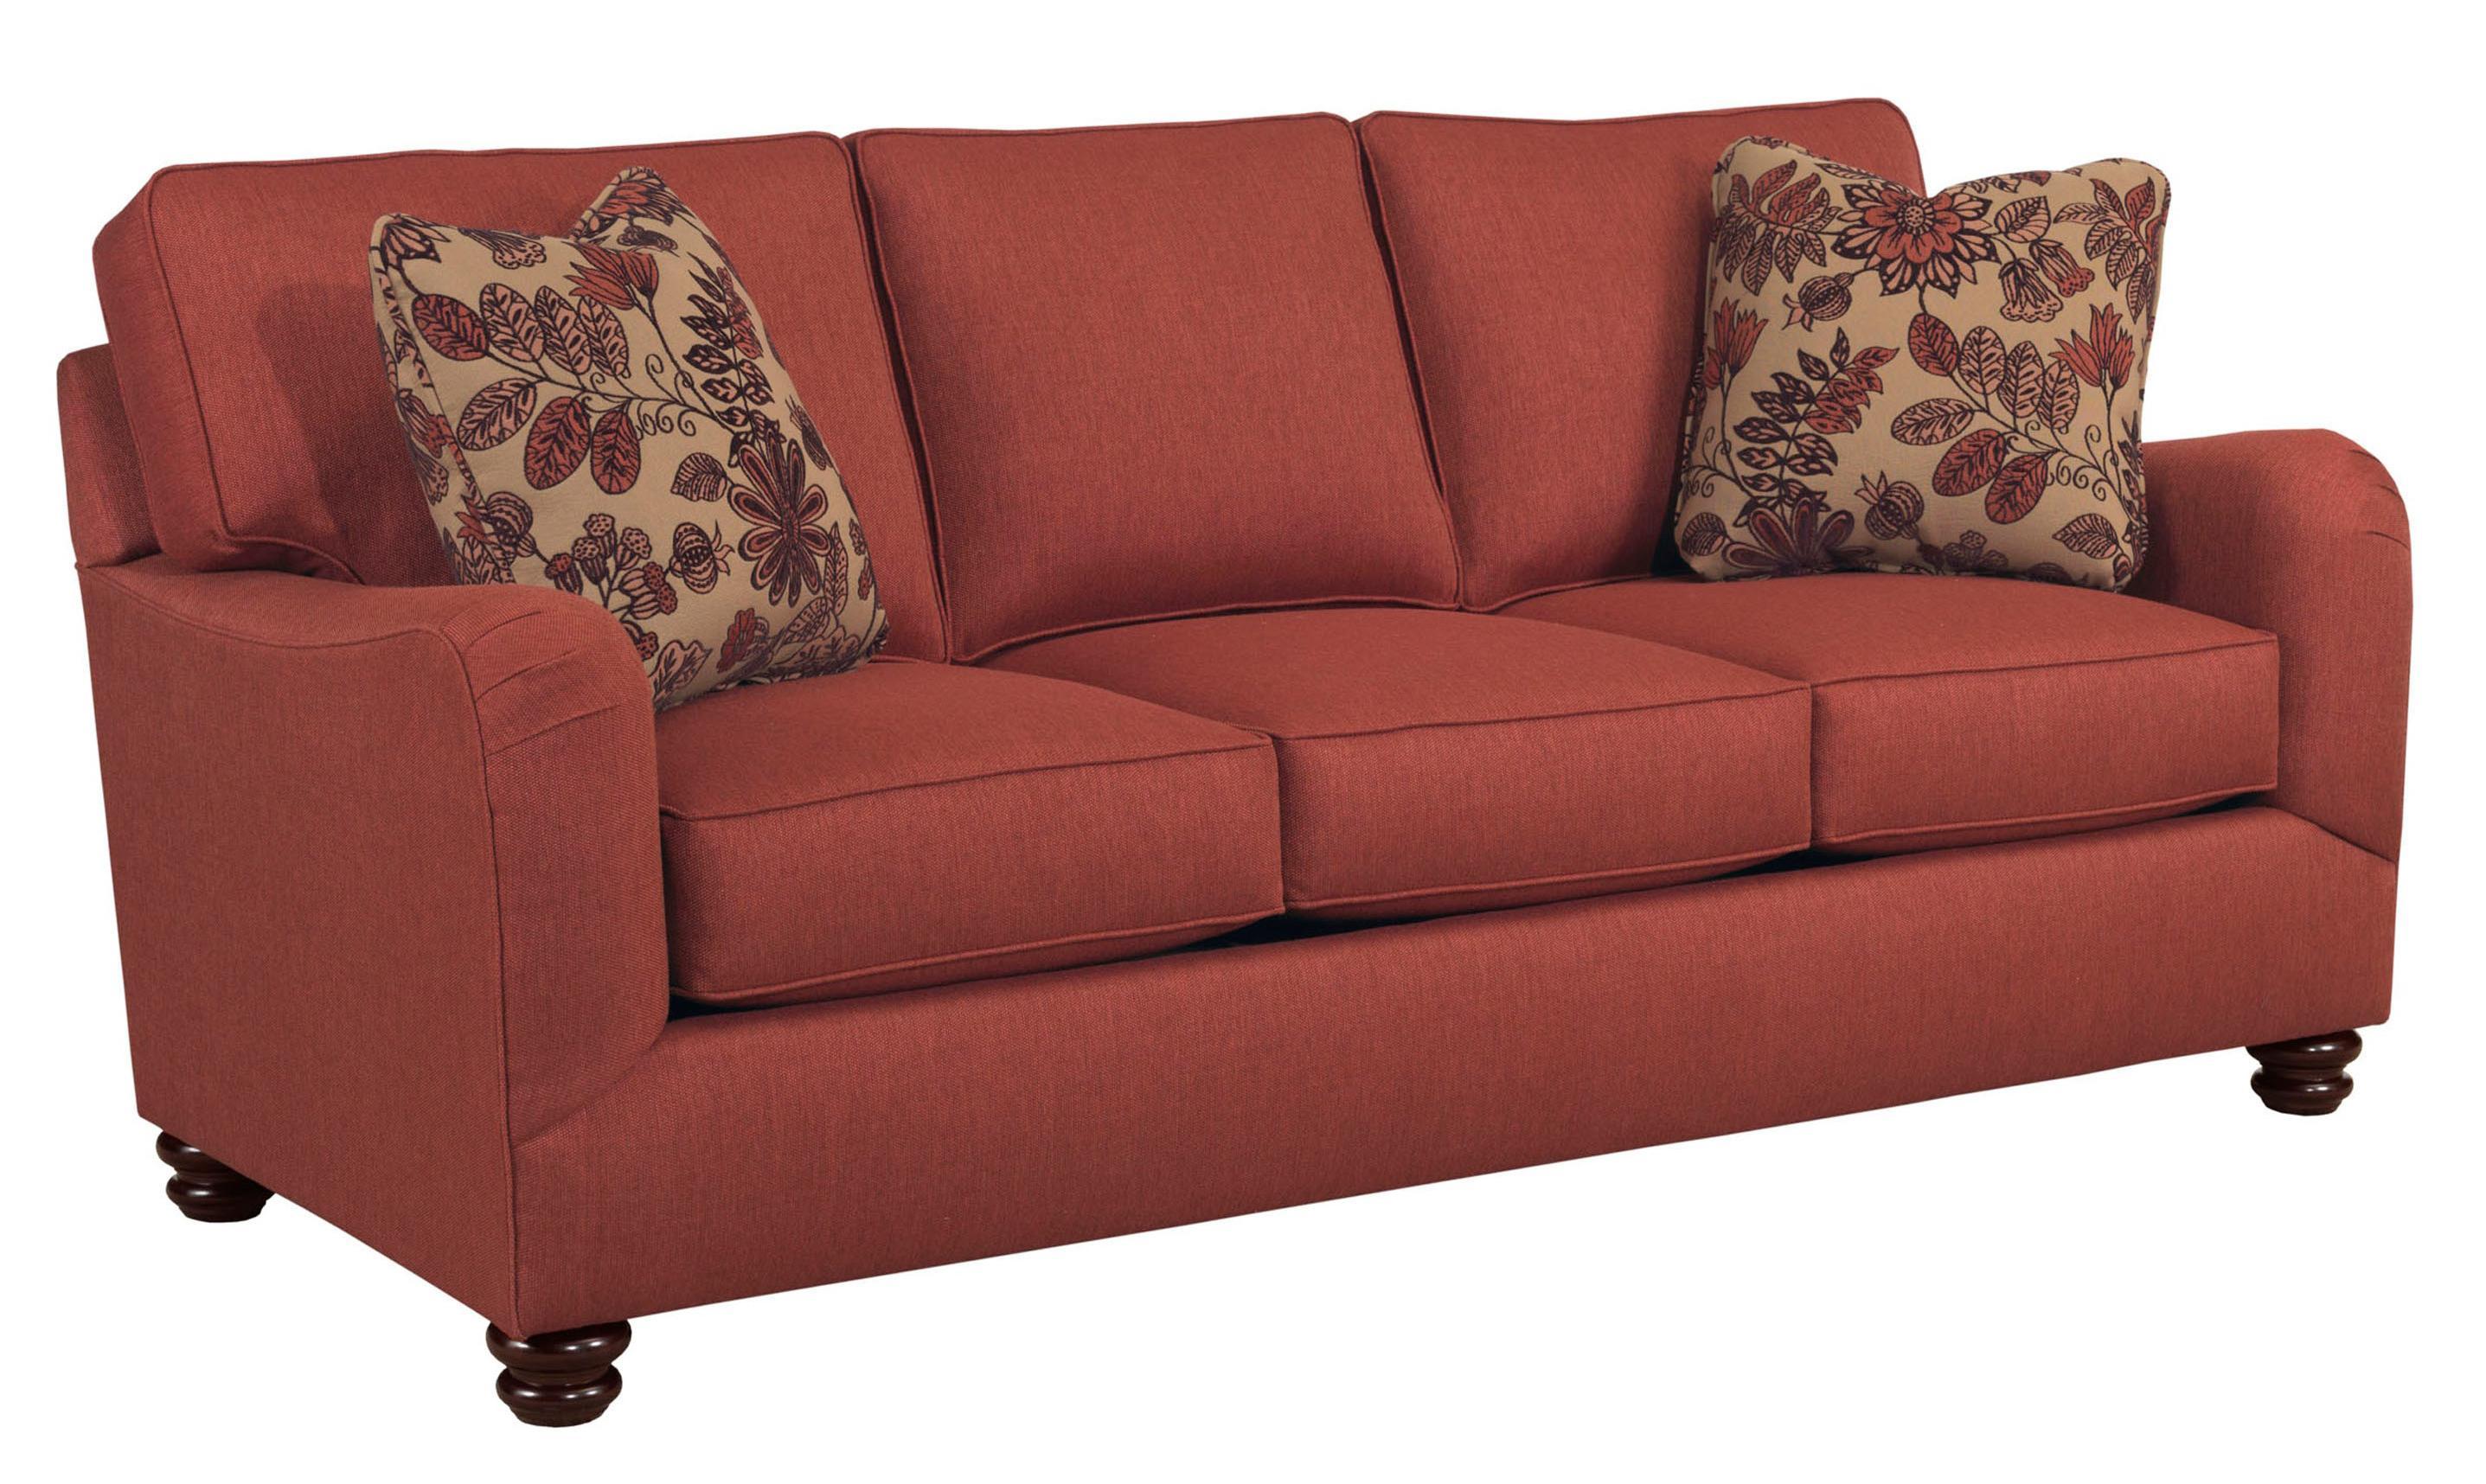 Broyhill Furniture Parker Parker Sofa - Item Number: 3746-3